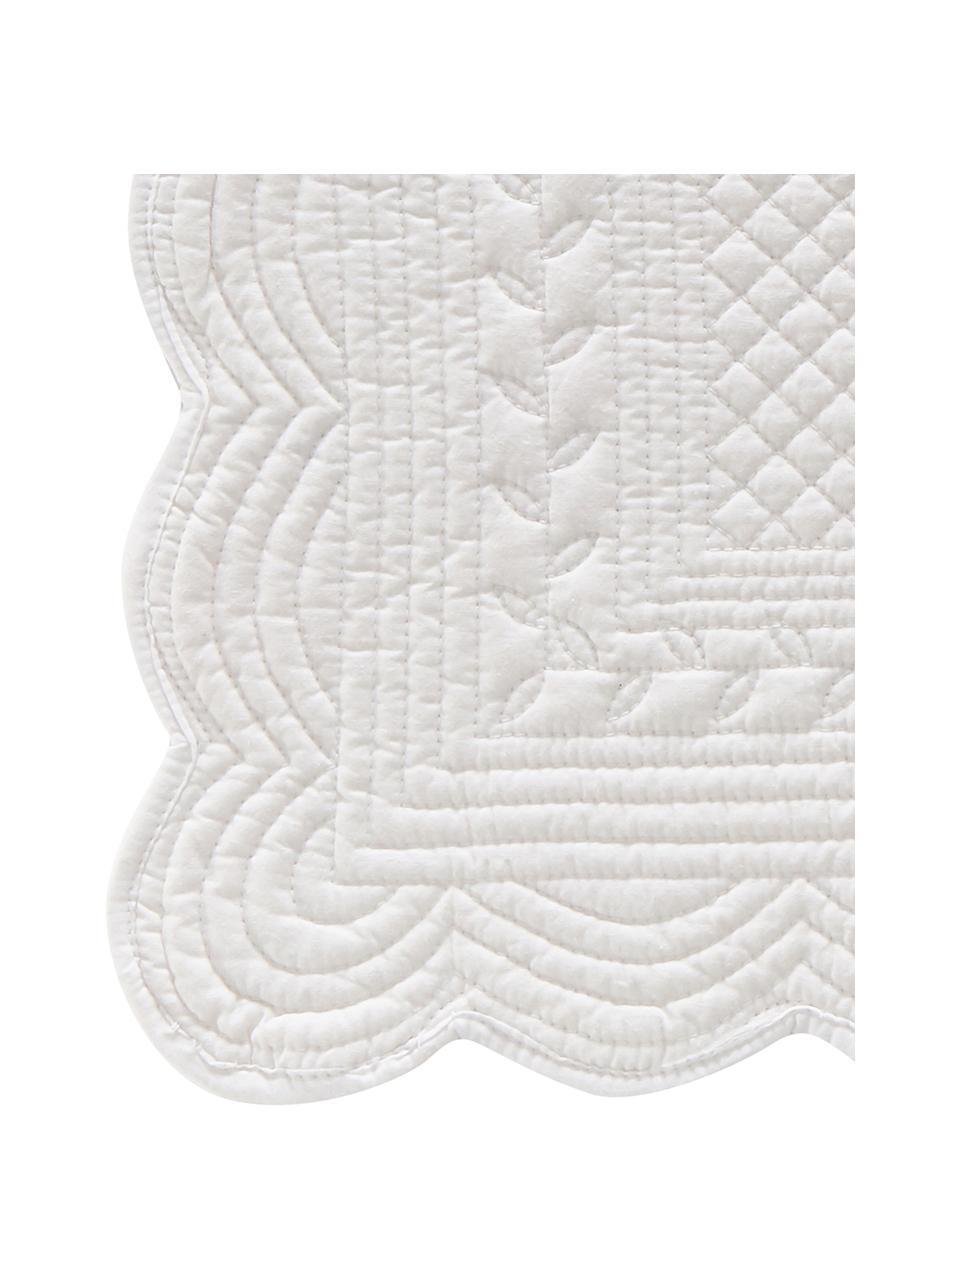 Tovaglietta americana in cotone Boutis 2 pz, 100% cotone, Bianco, Larg. 34 x Lung. 48 cm